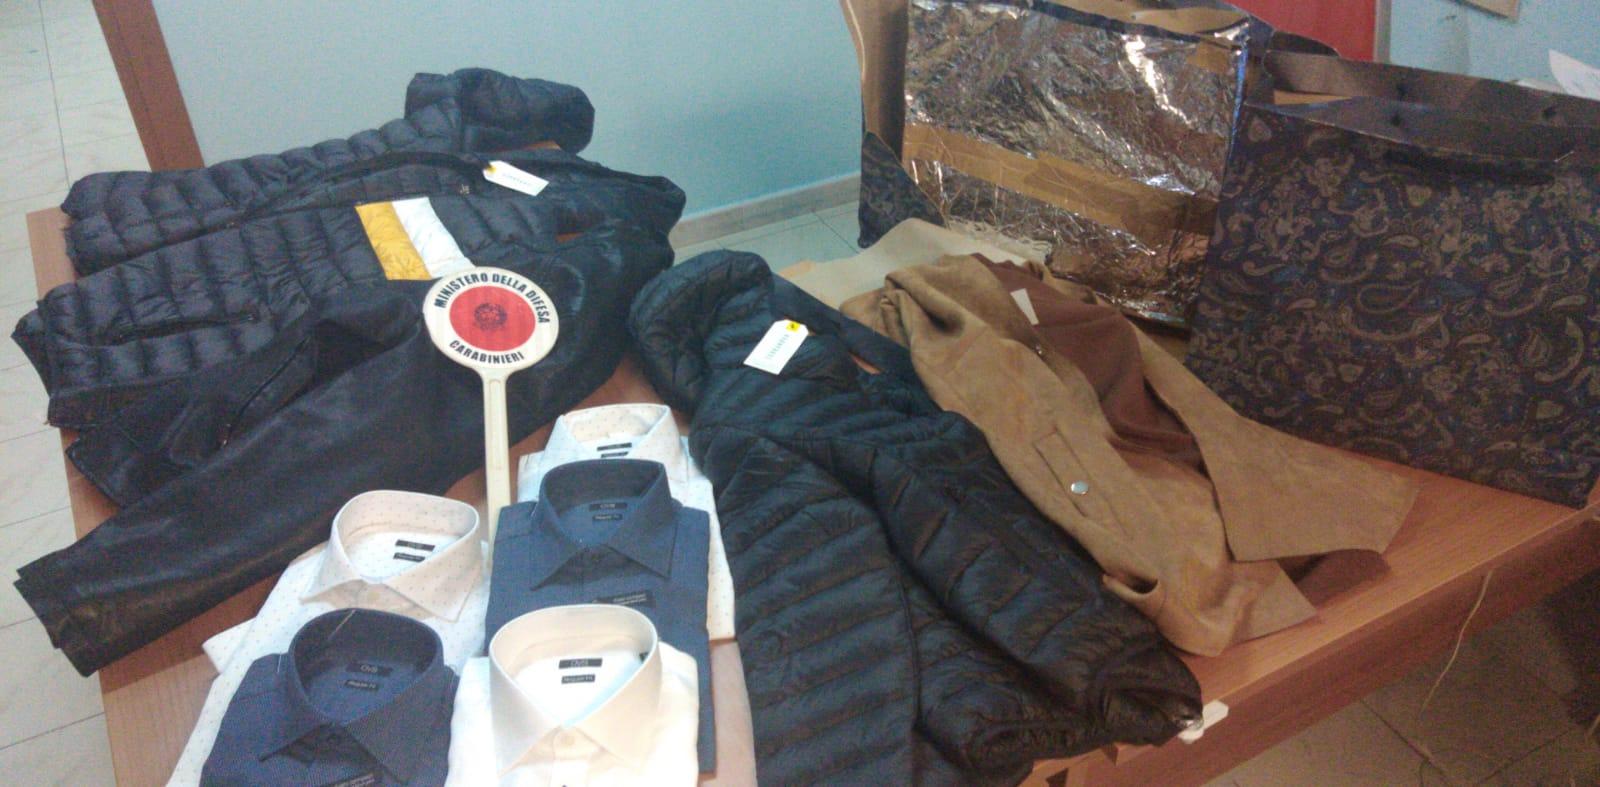 Rubavano capi d'abbigliamento nei centri commerciali:  denunciati due georgiani